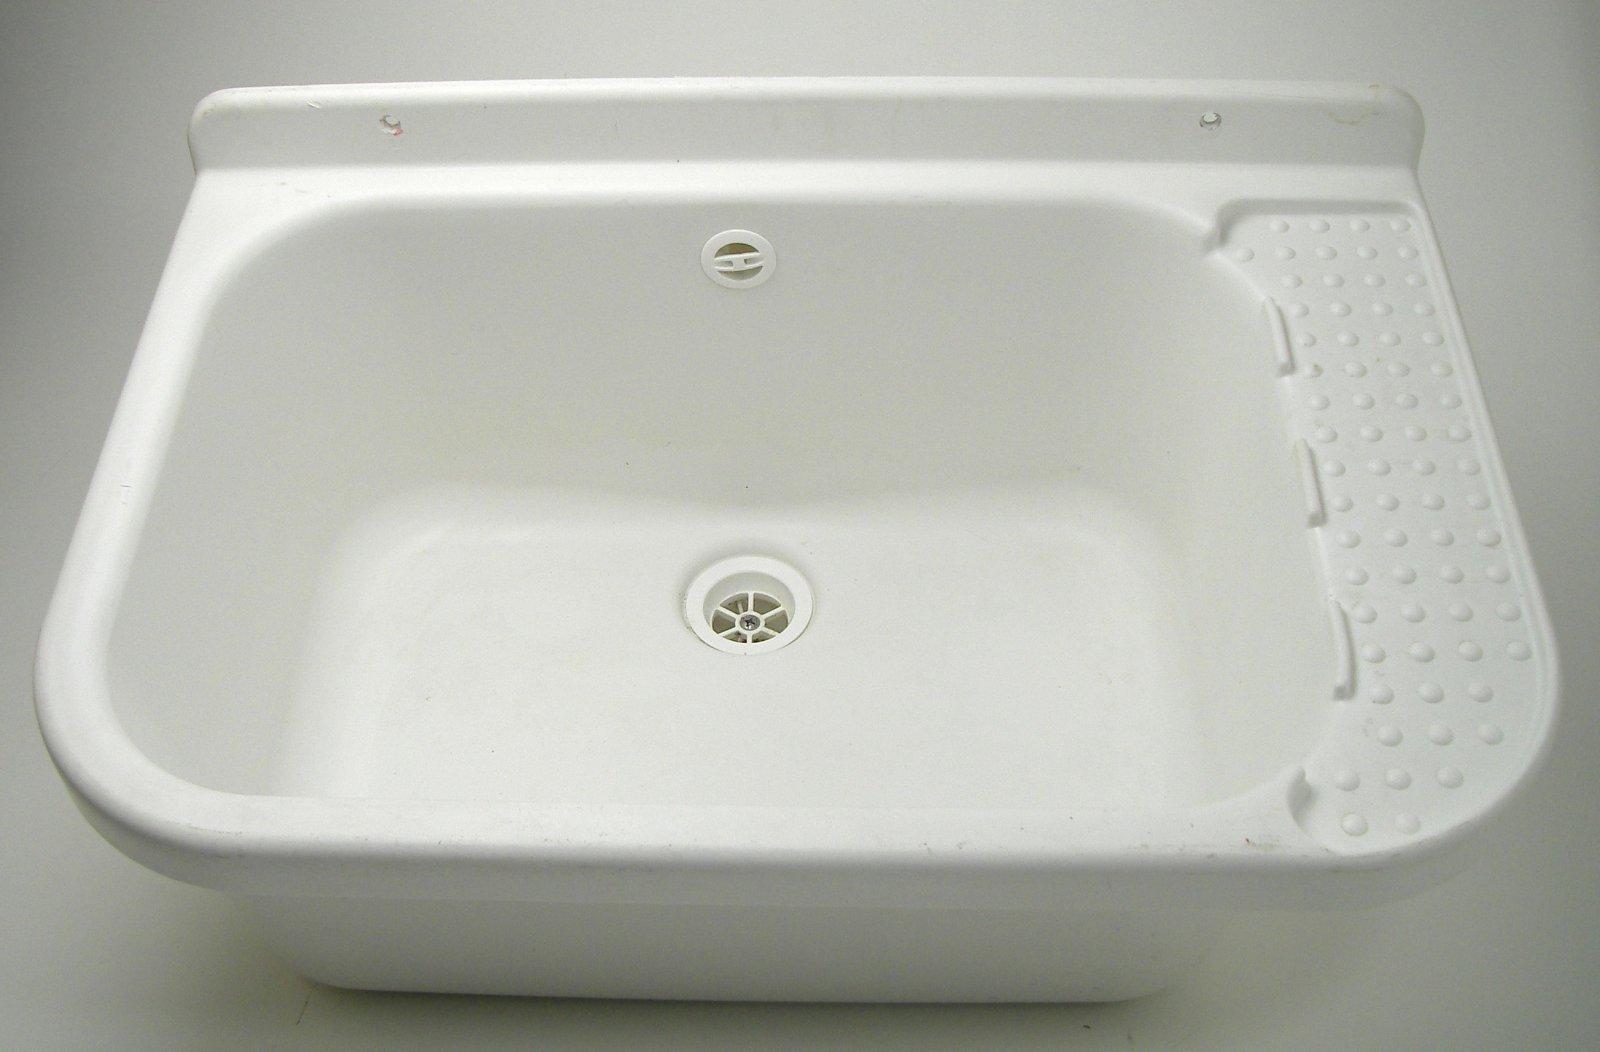 waschbecken entsorgen | kuche entsorgen fabulous hausgerate und